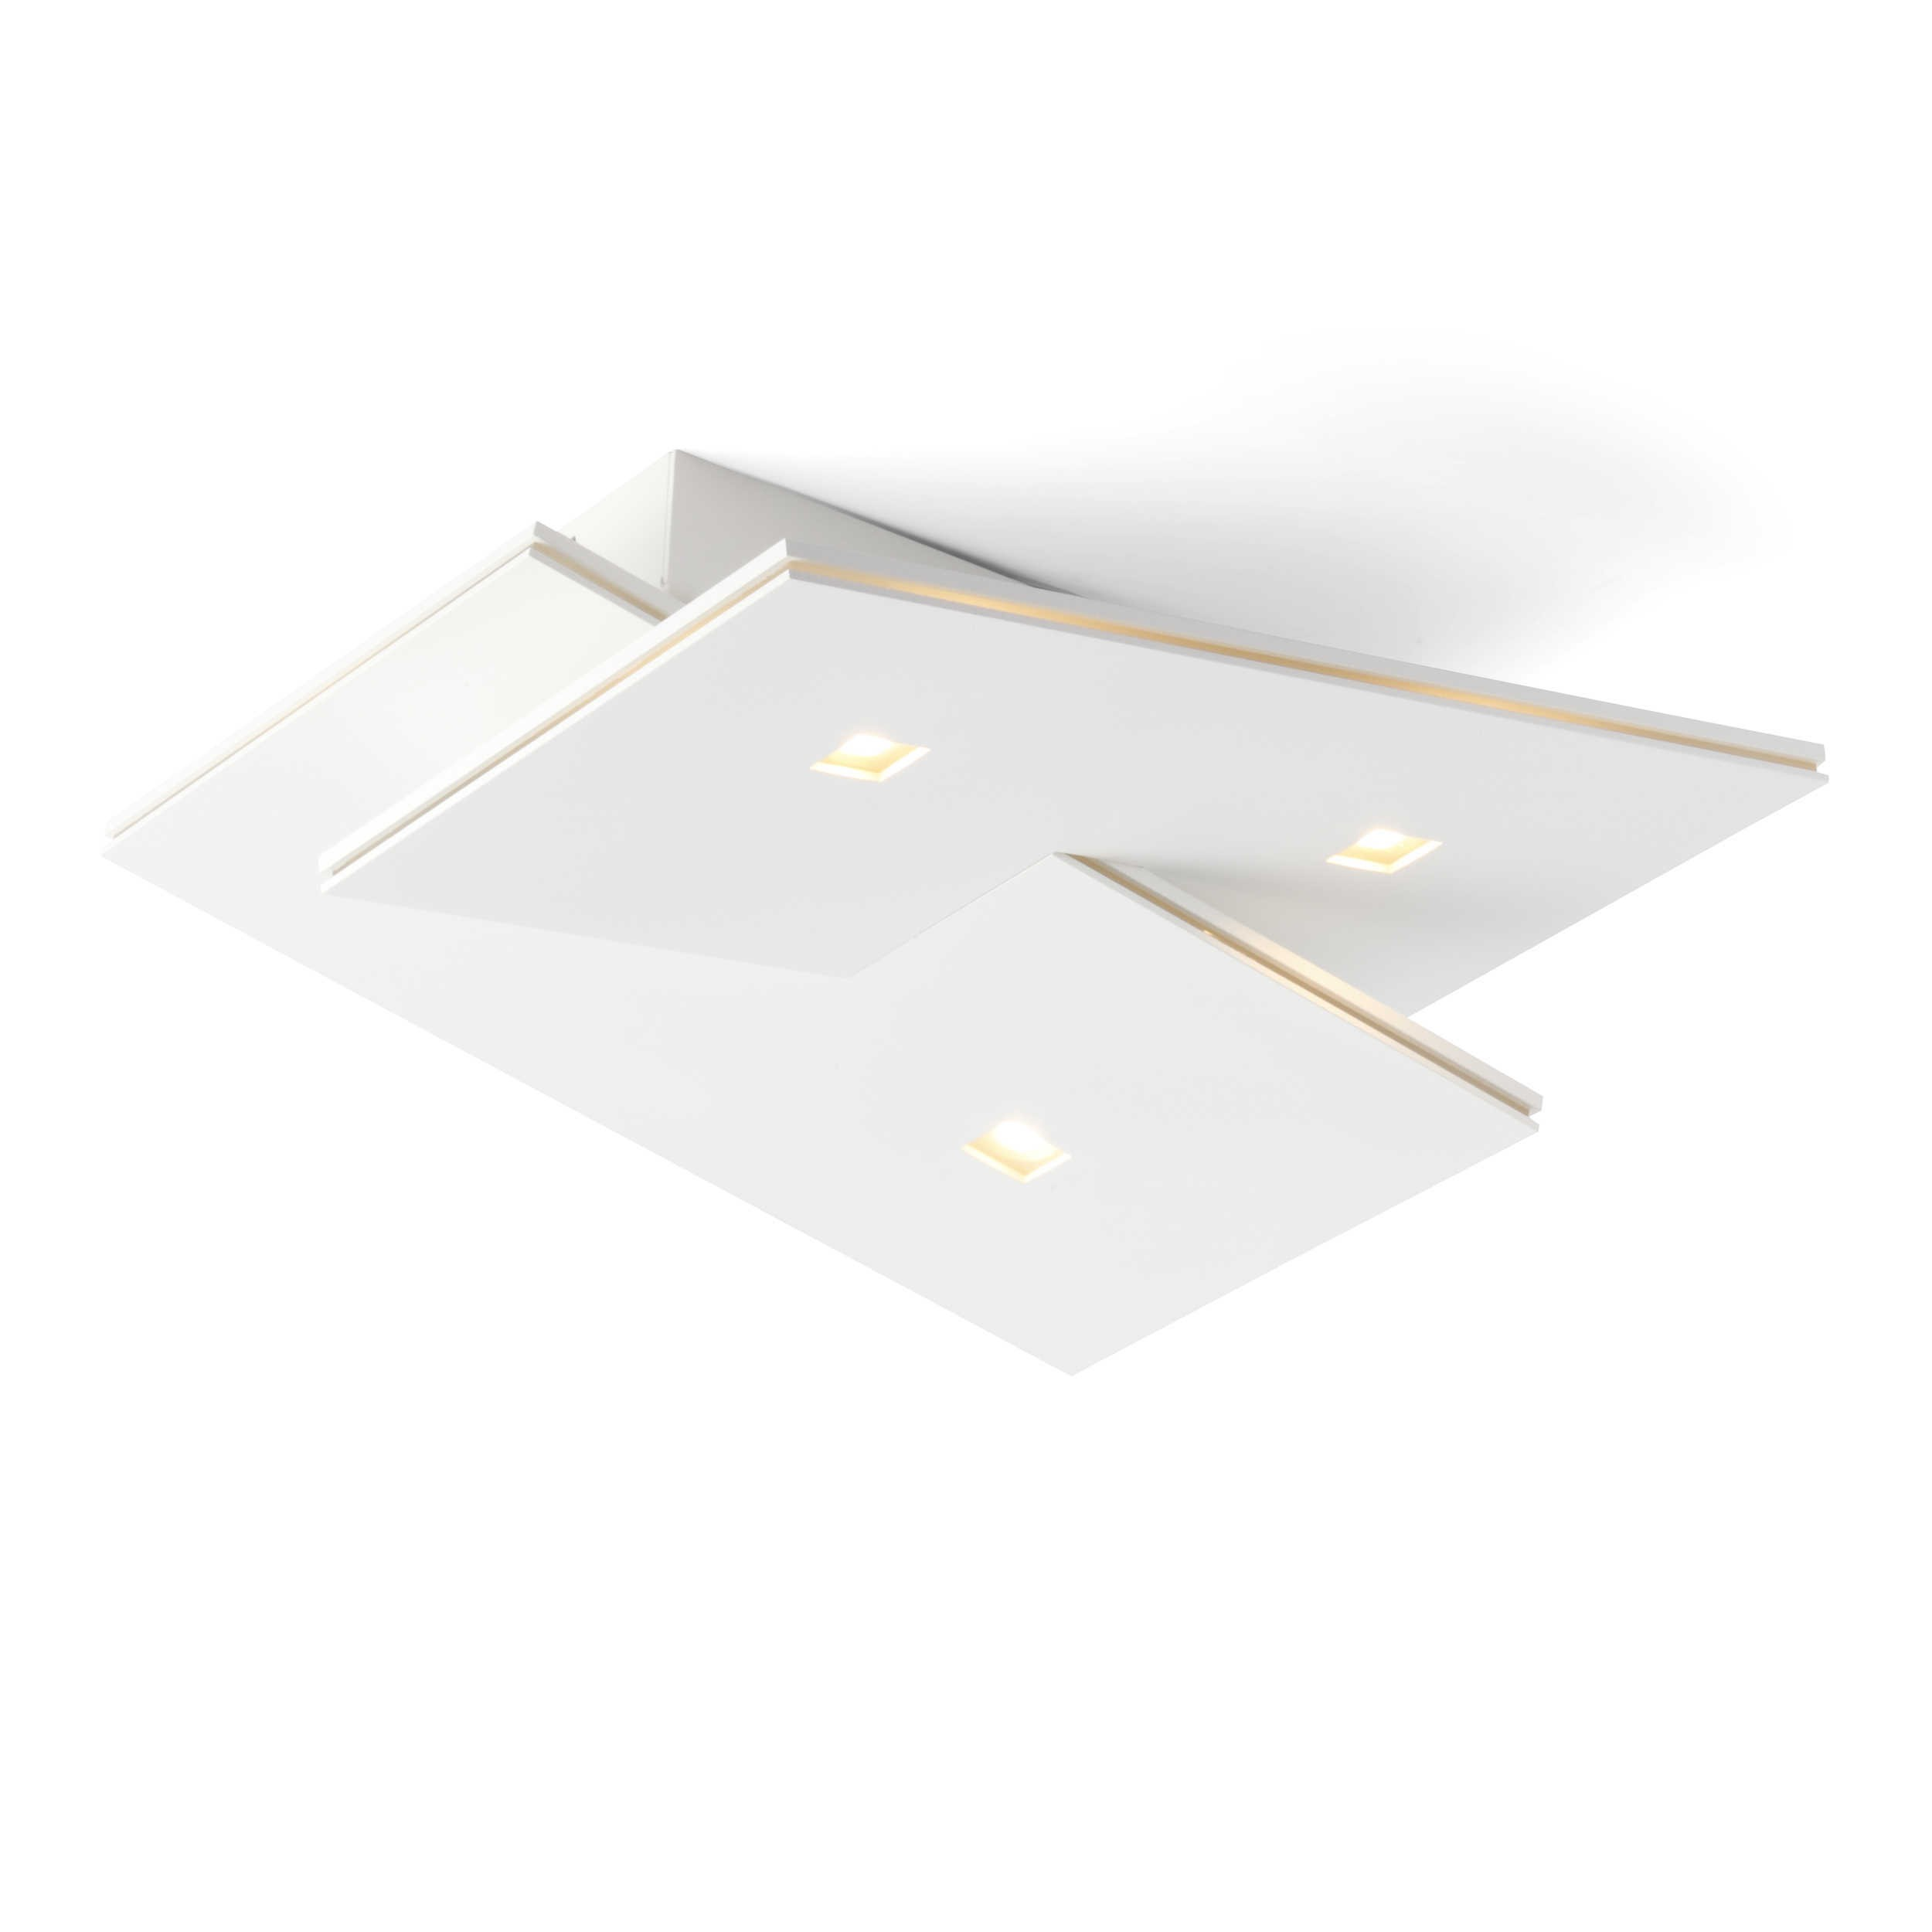 Designer Deckenleuchte Roma 30 Kaufen: Bopp LED-Deckenleuchte Extra A+ Weiß Chrom,Alu,Nickel